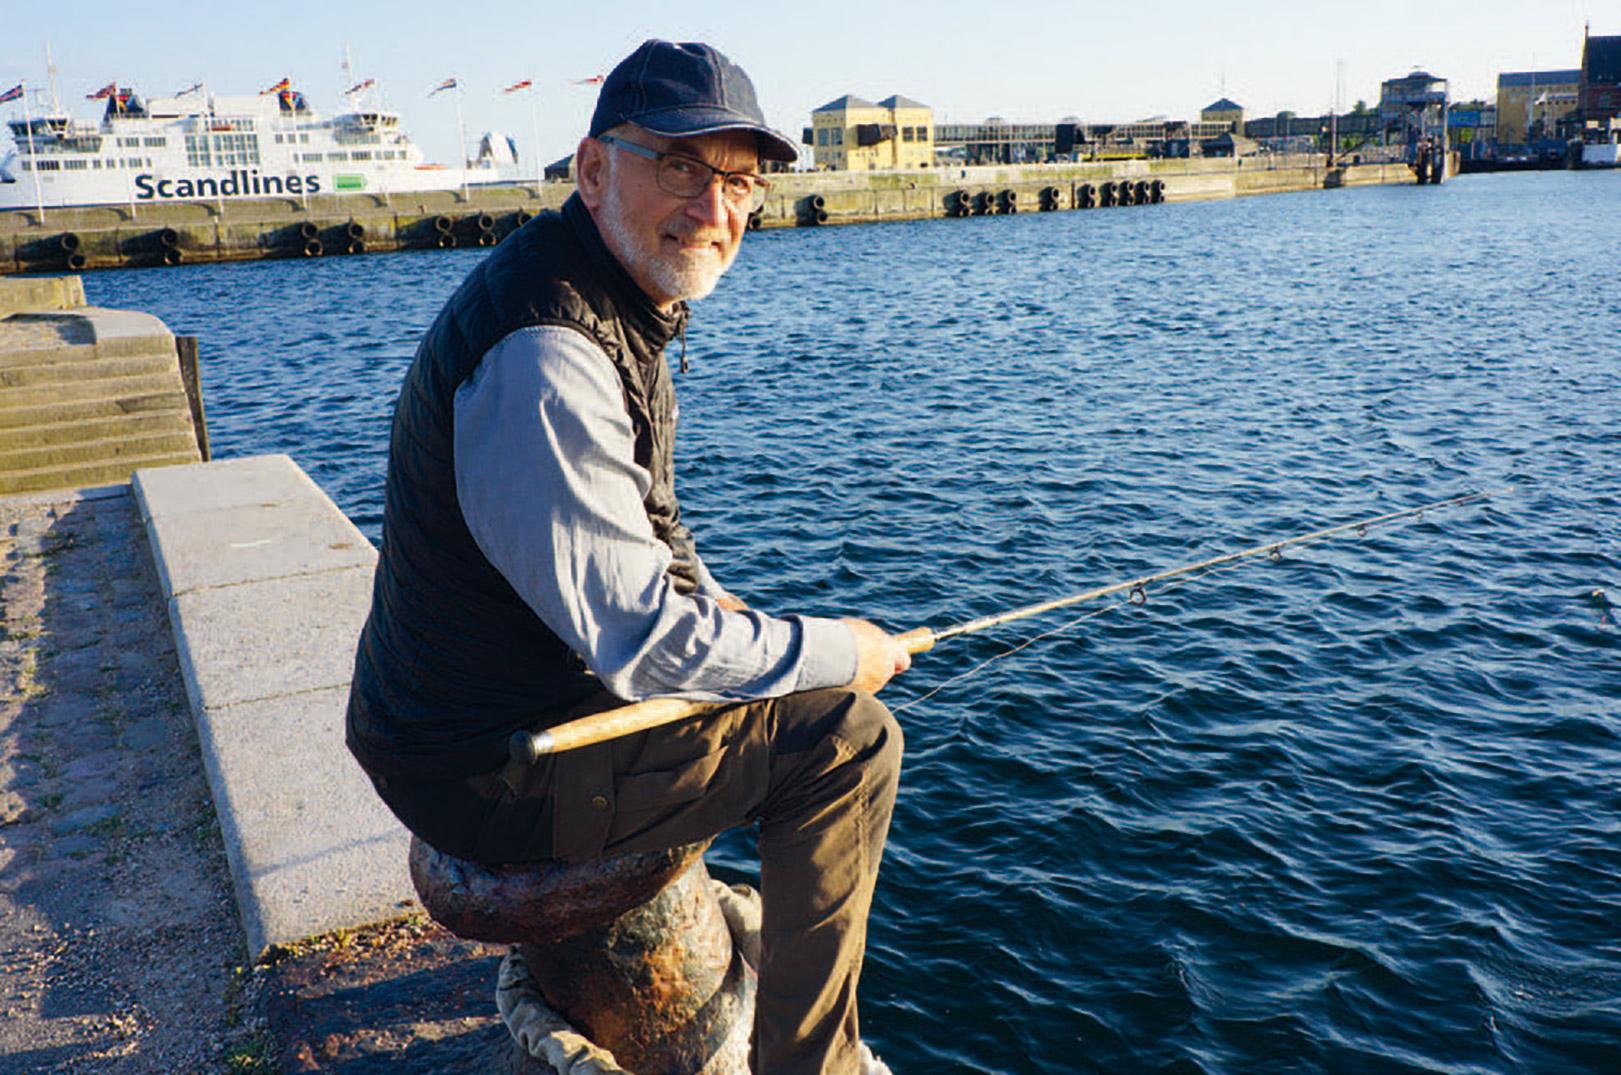 Artikelforfatteren nyder en stille aften i Helsingør Havn.